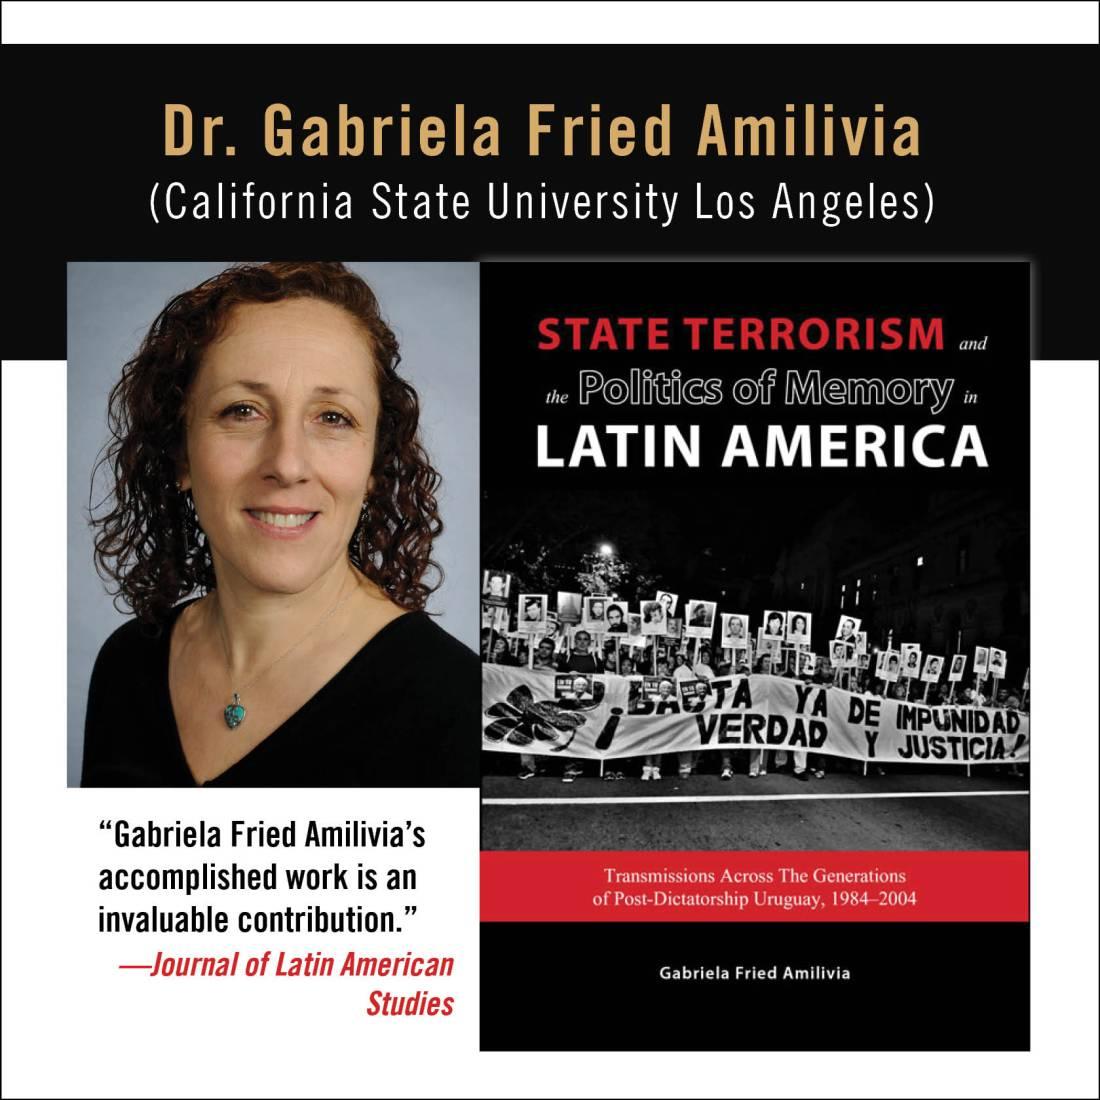 Gabriela Fried Amilivia